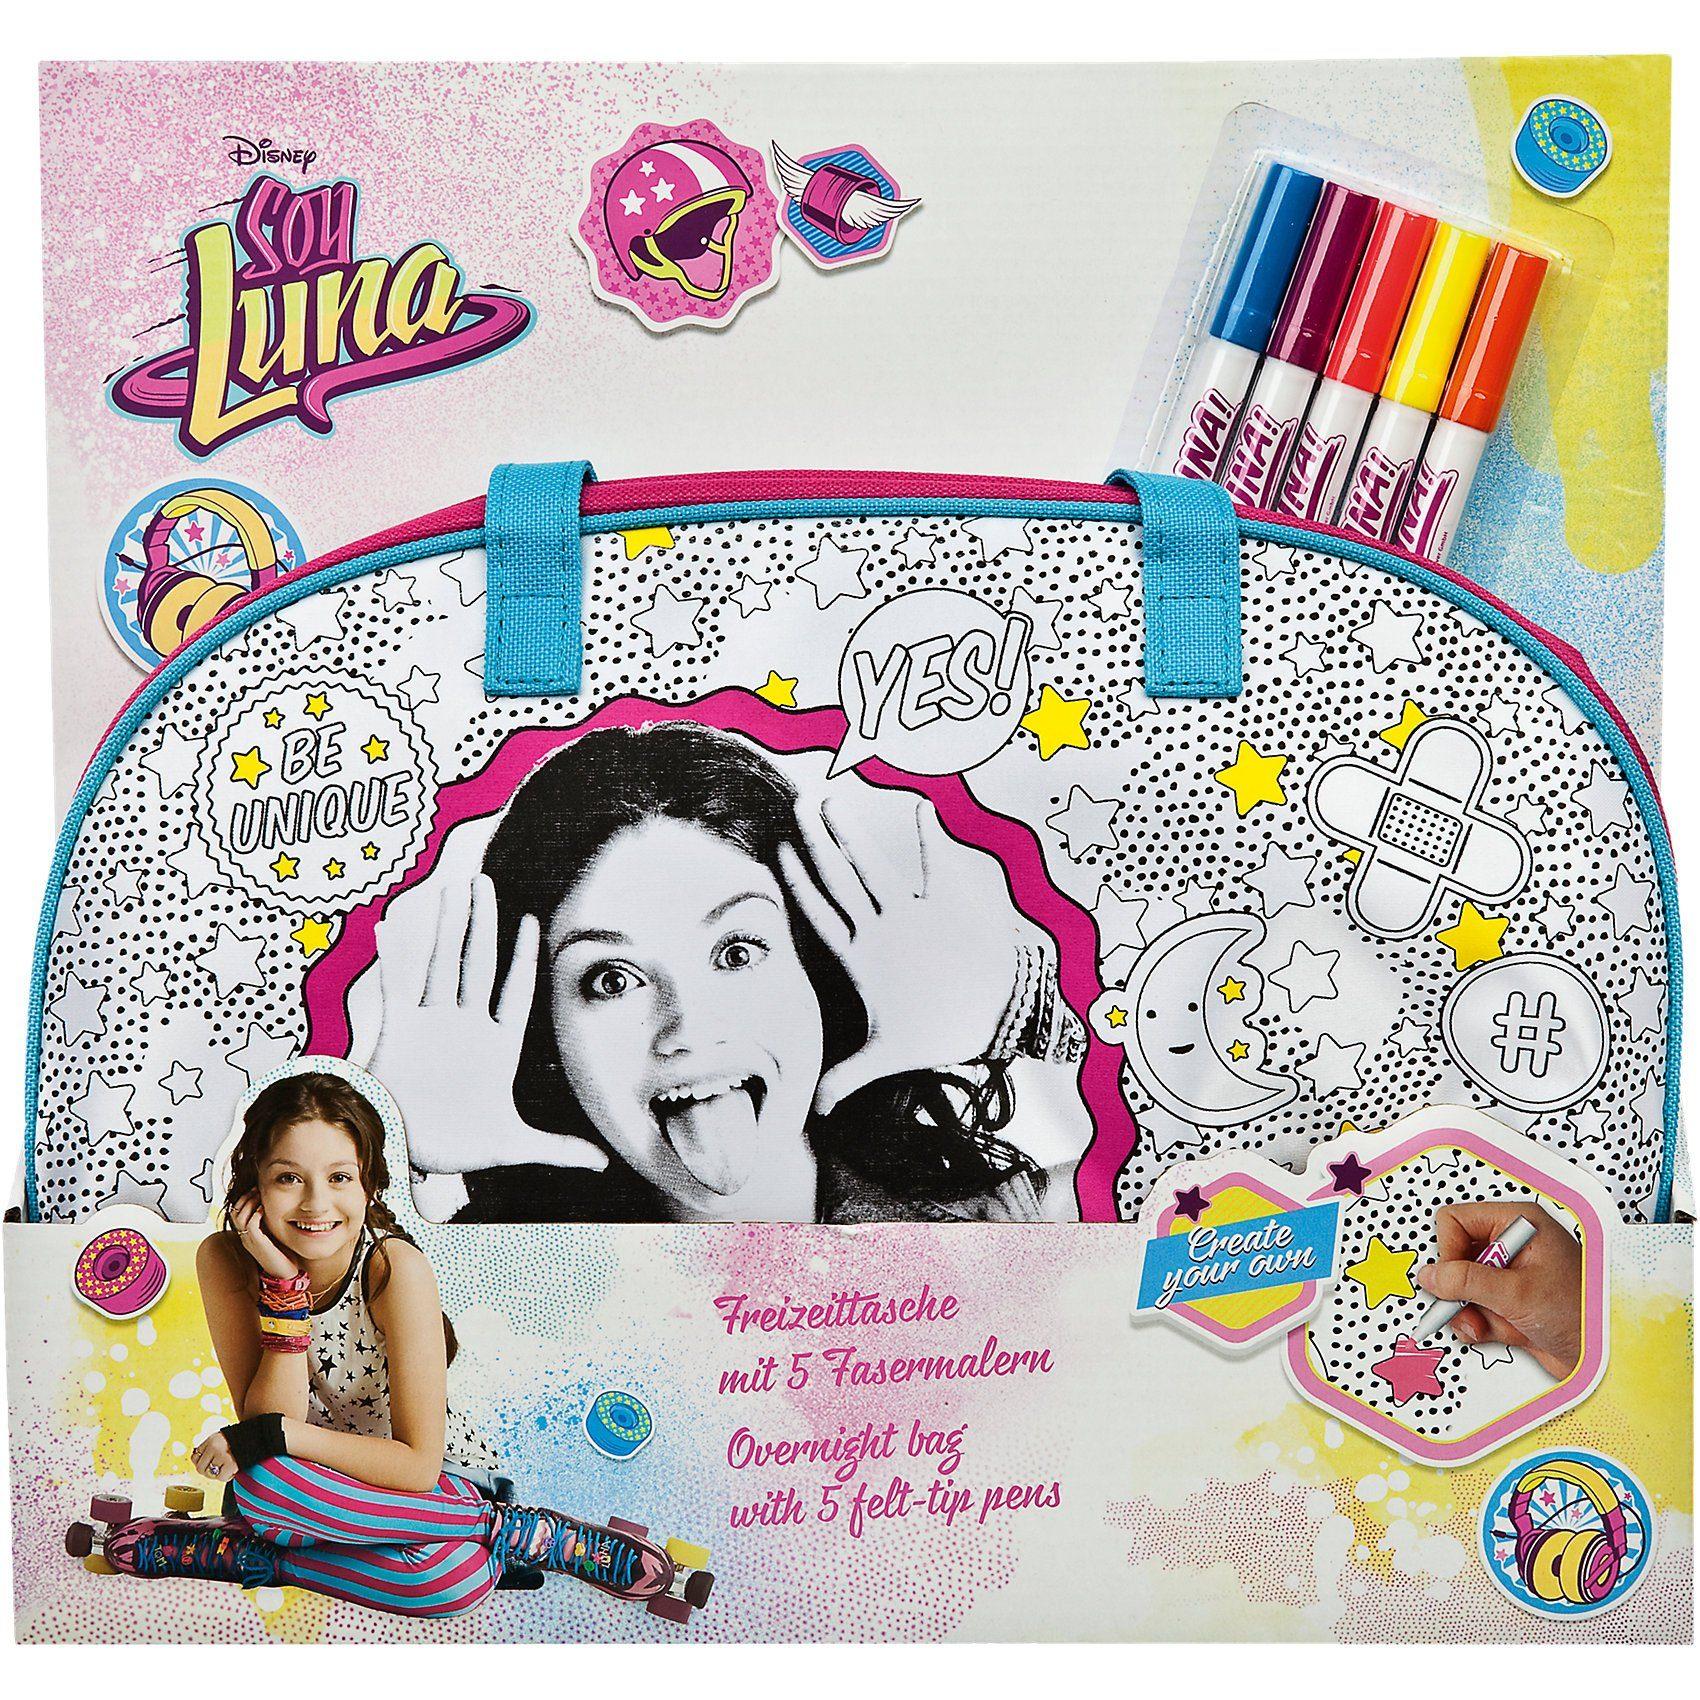 UNDERCOVER Create Your Own Freizeittasche - Soy Luna